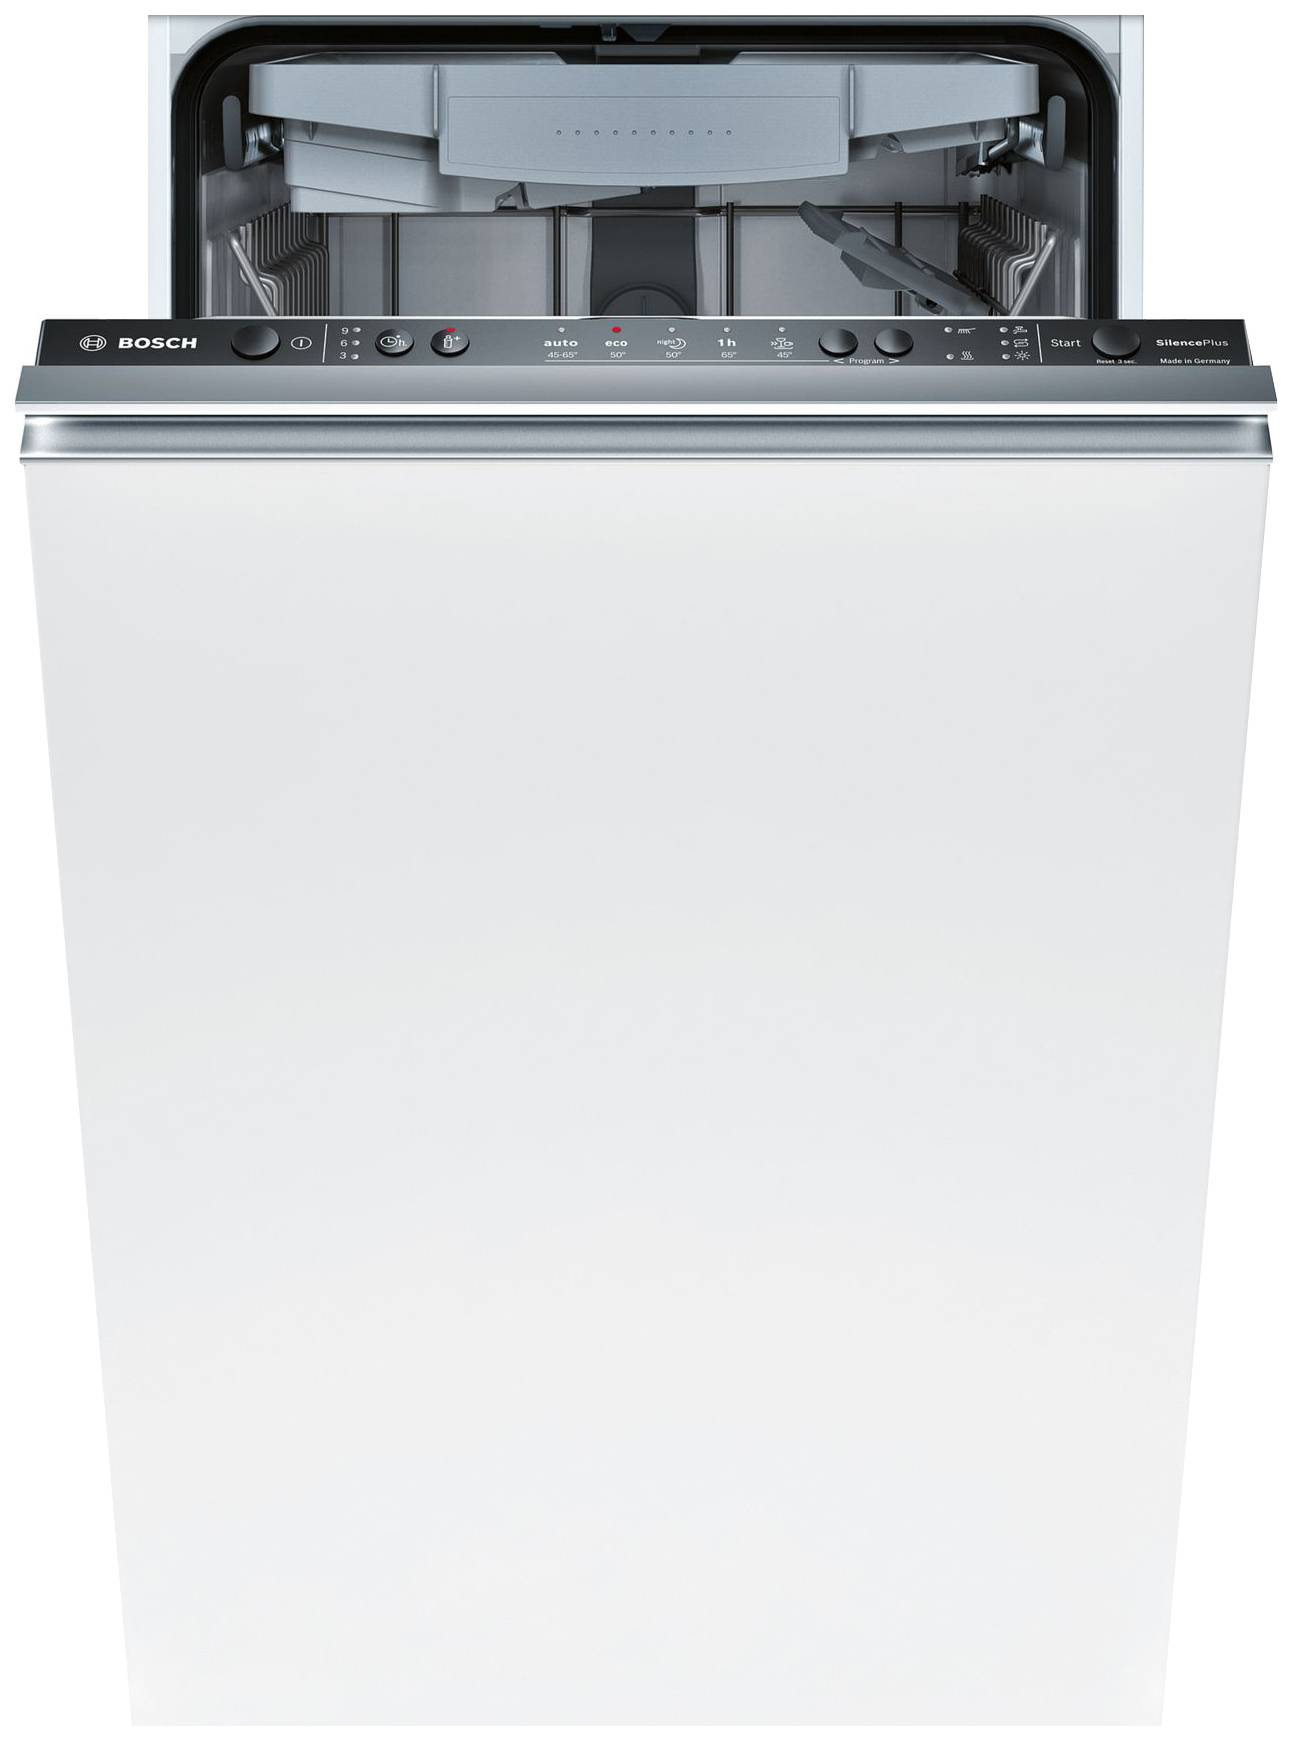 Обзор посудомоечной машины Bosch SPV47E30RU: когда недорогое может быть качественным